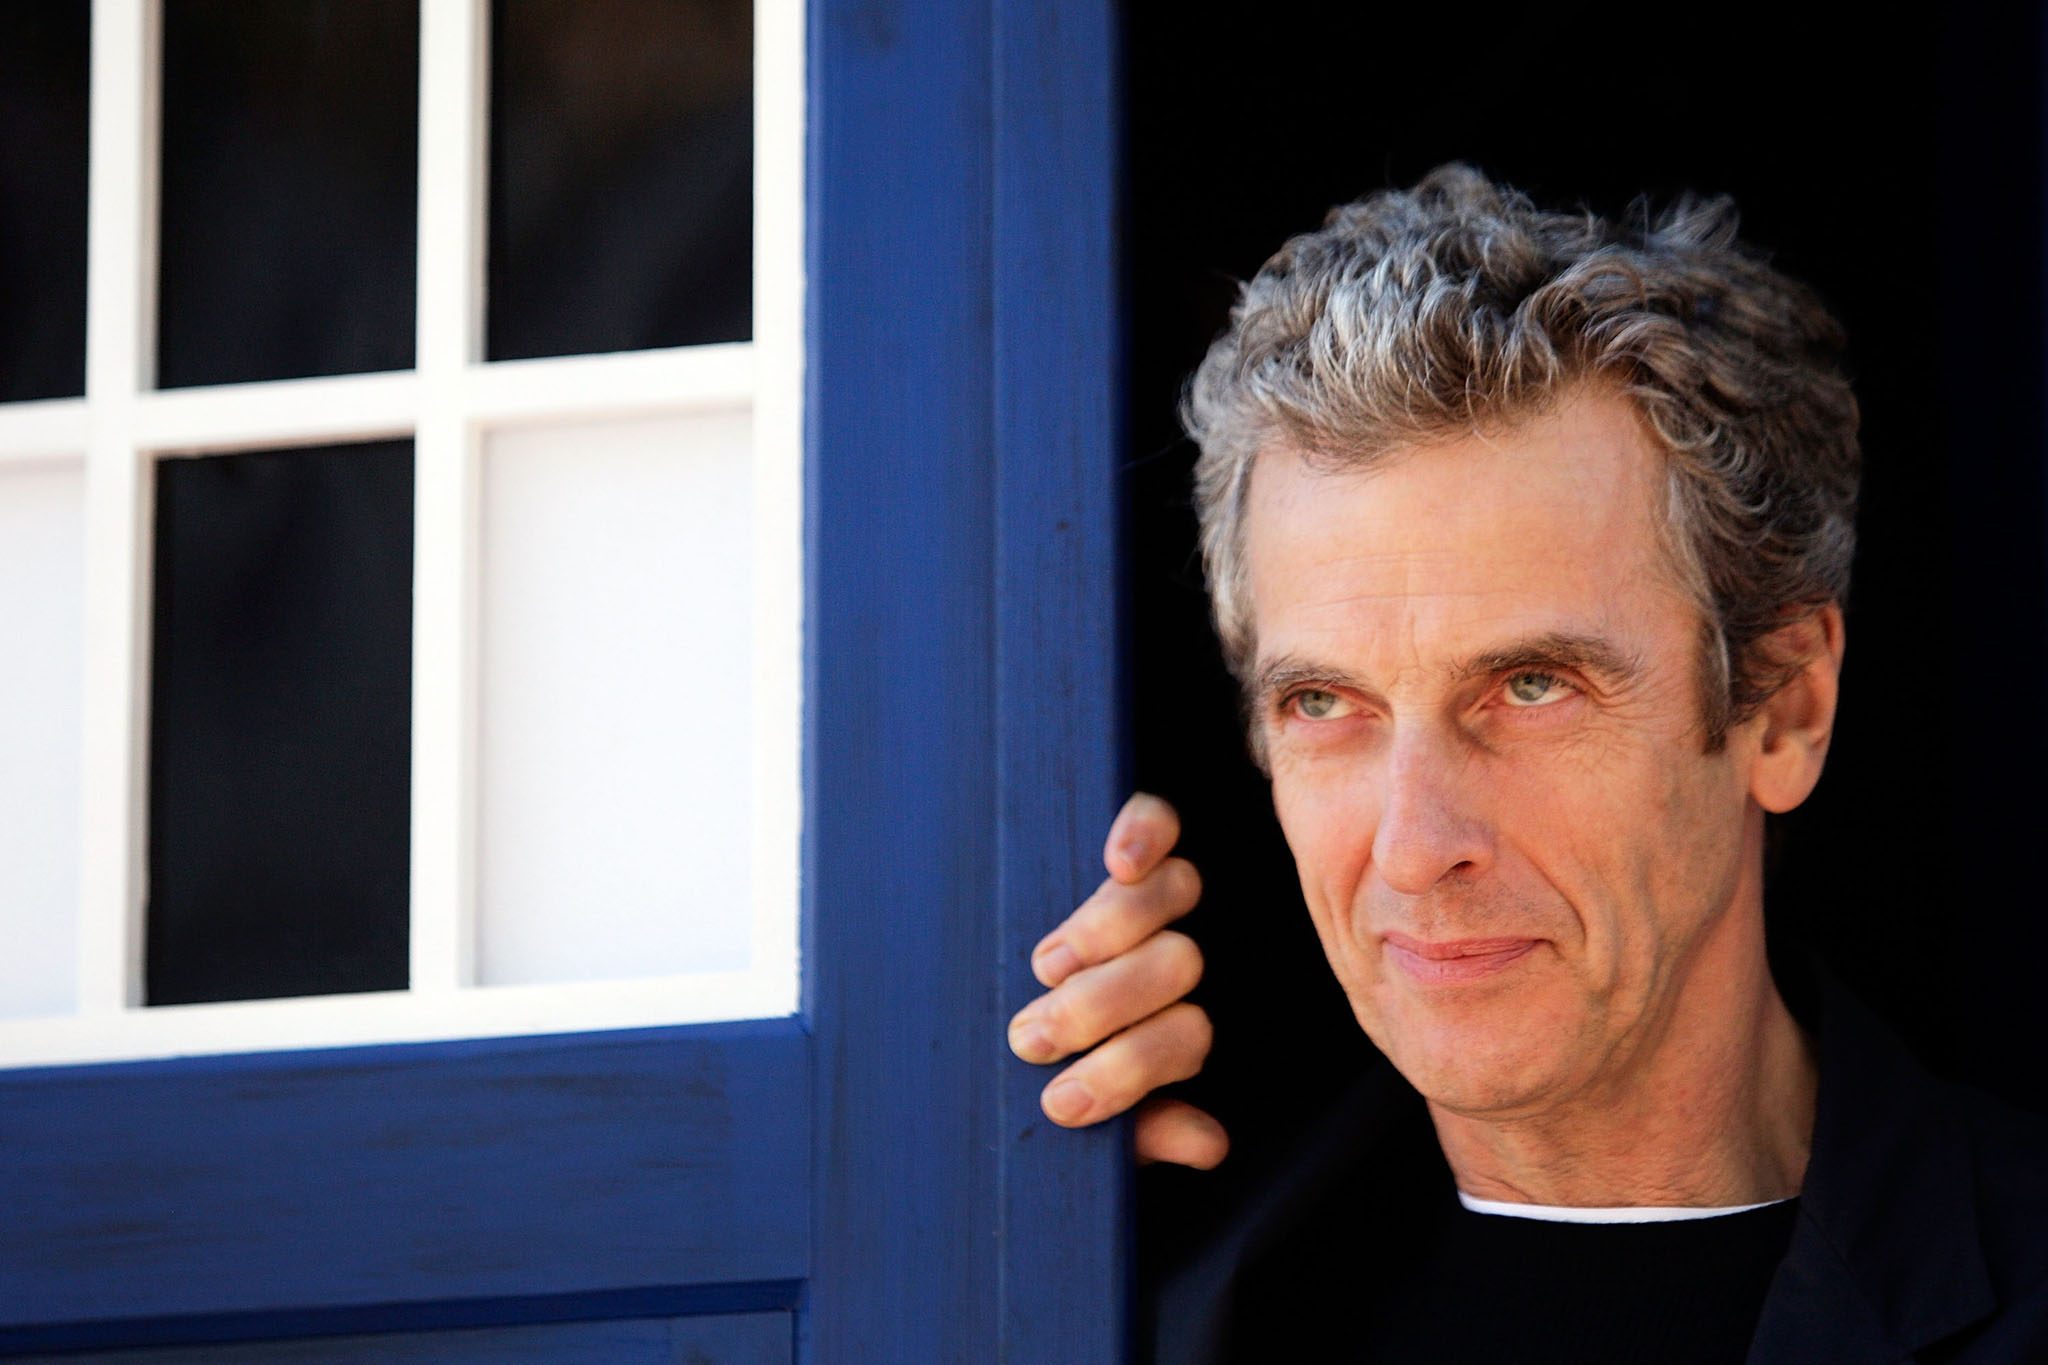 Peter Capaldi confirma que dejará Doctor Who luego de la 10ma temporada